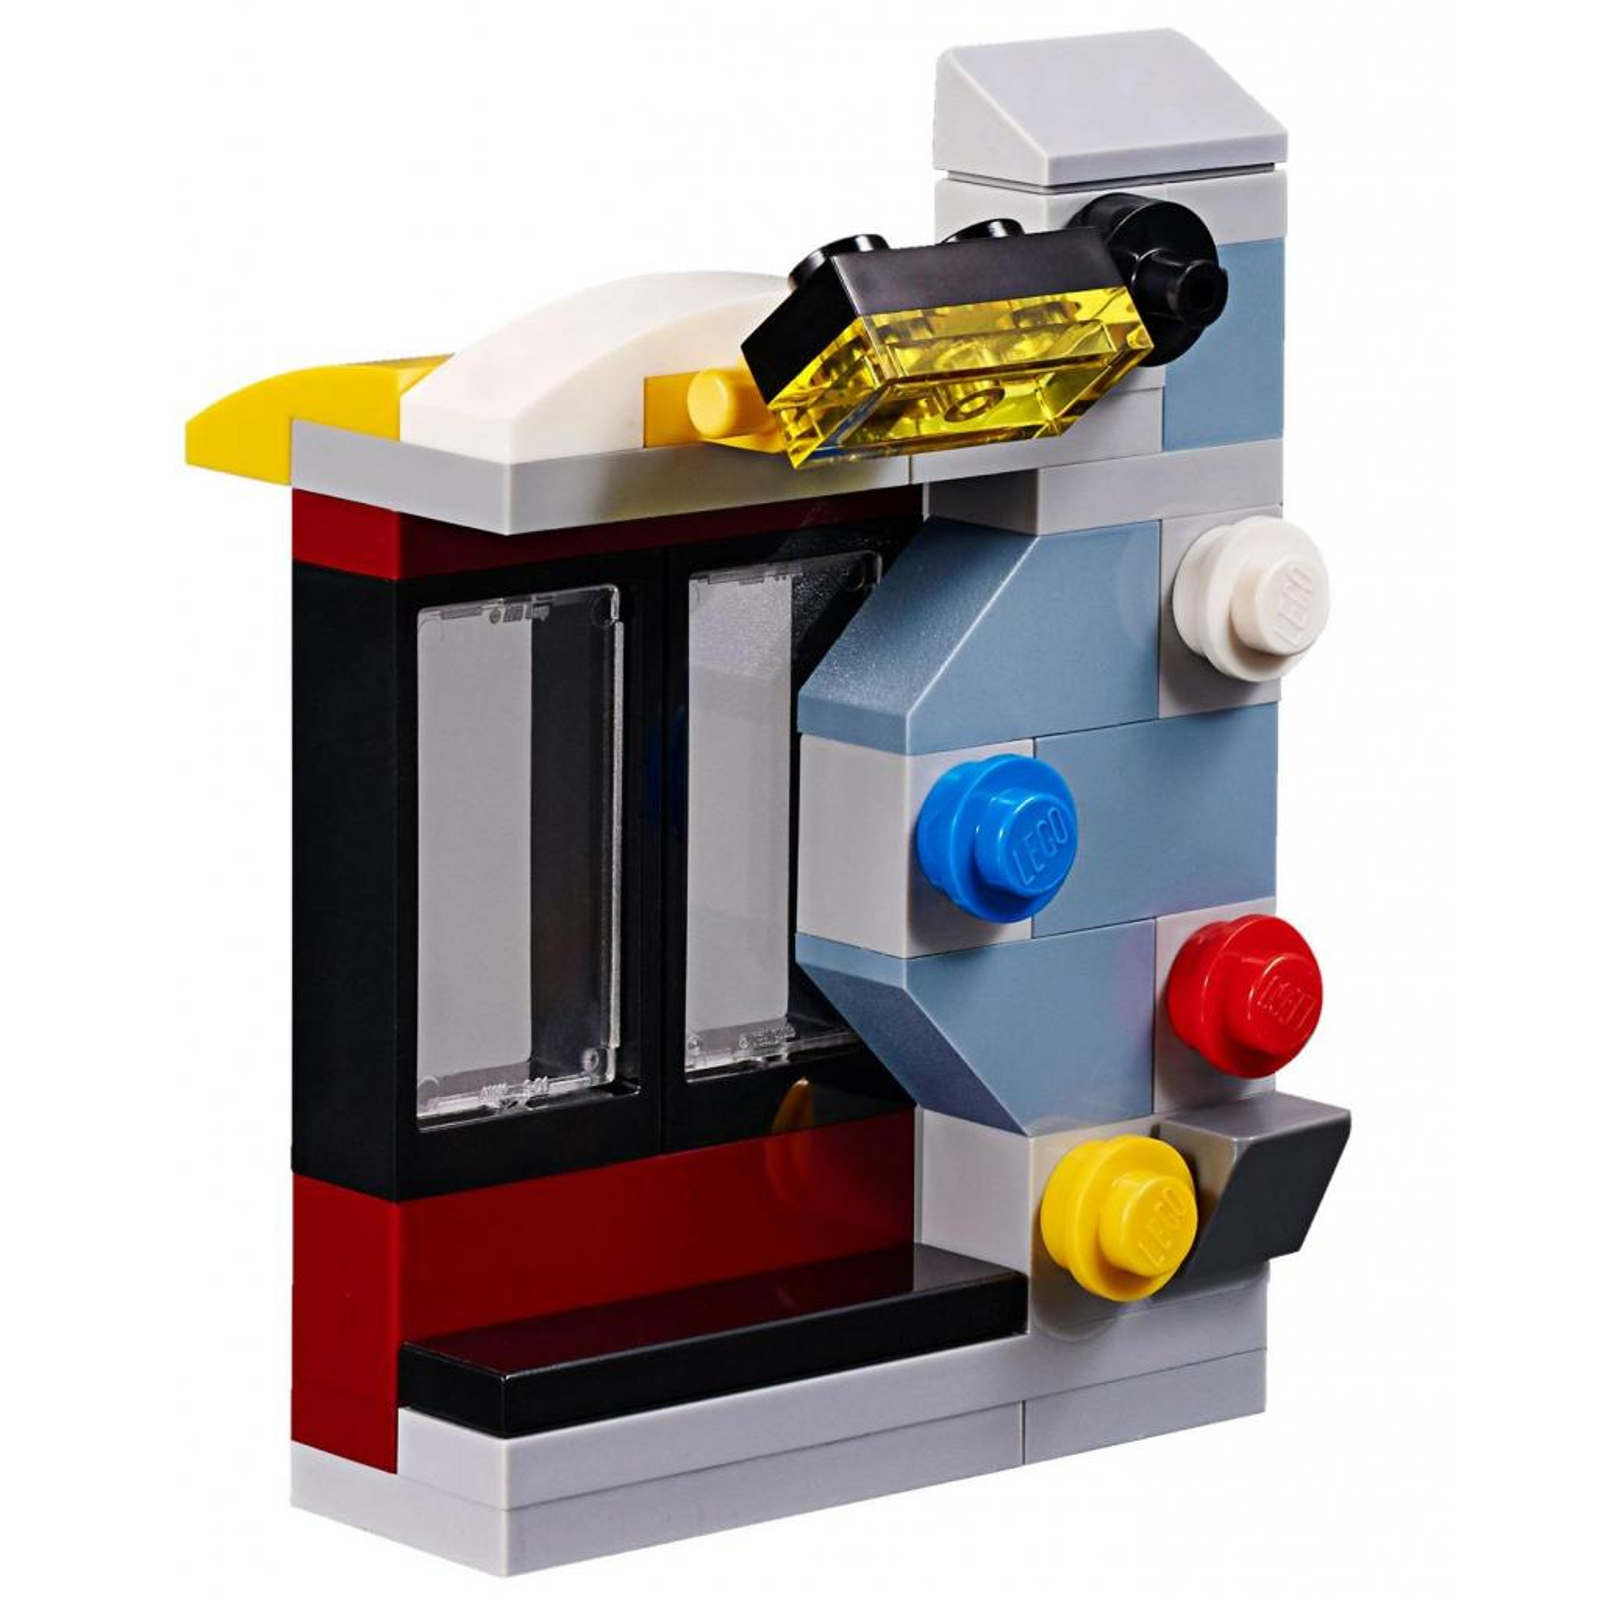 Конструктор LEGO Creator Модульный набор Каток (31081) изображение 6